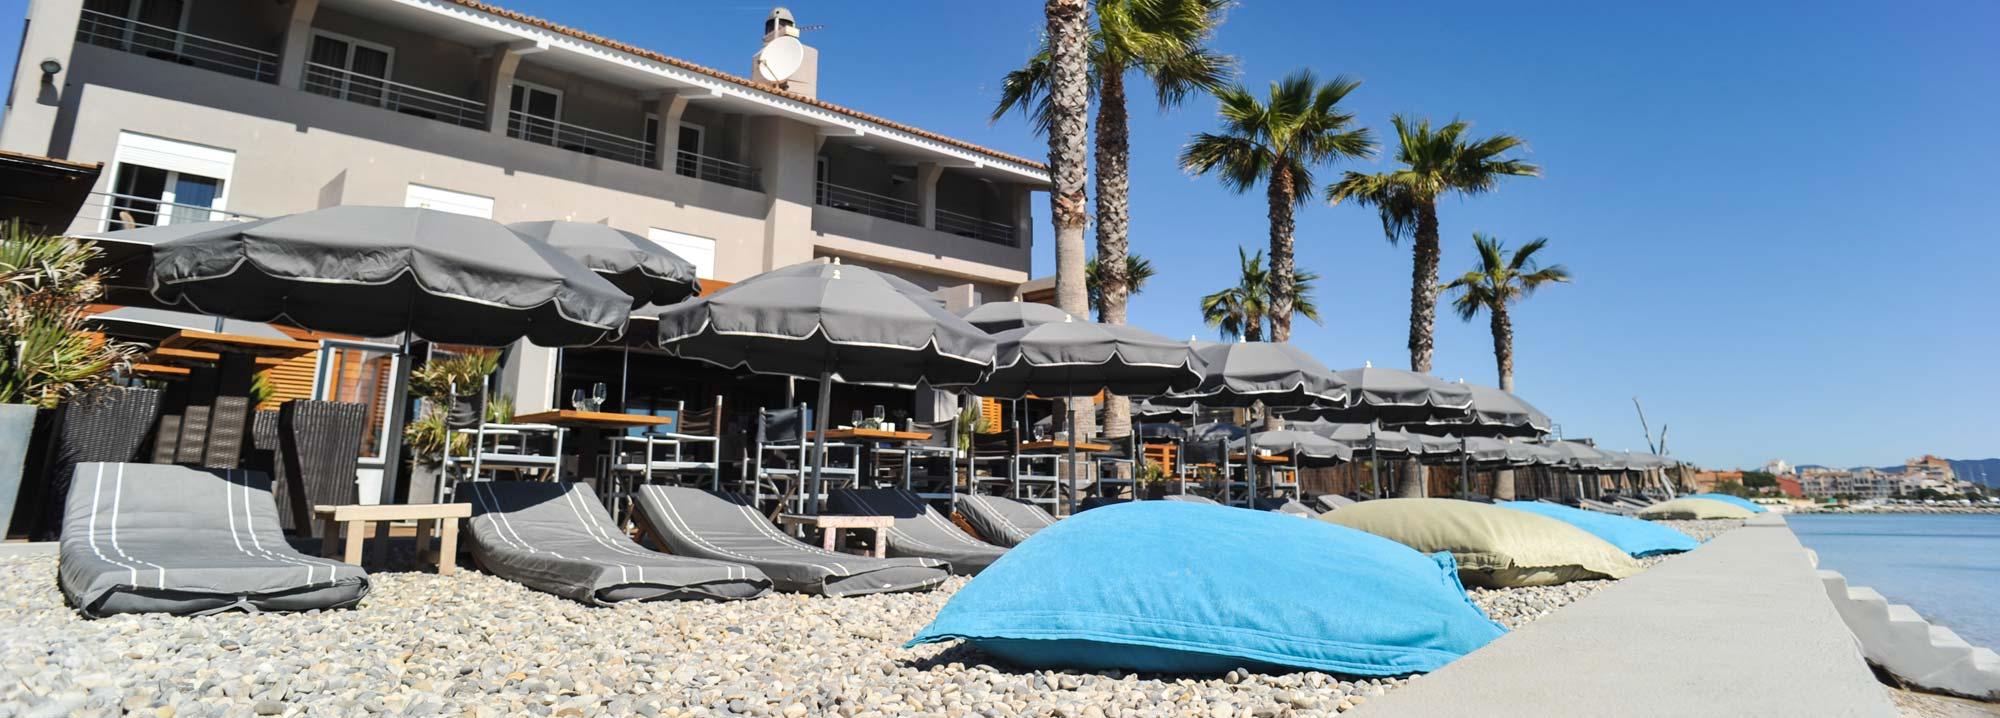 Restaurant plage des pesquiers hy res le midi - Restaurant bord de mer hyeres ...